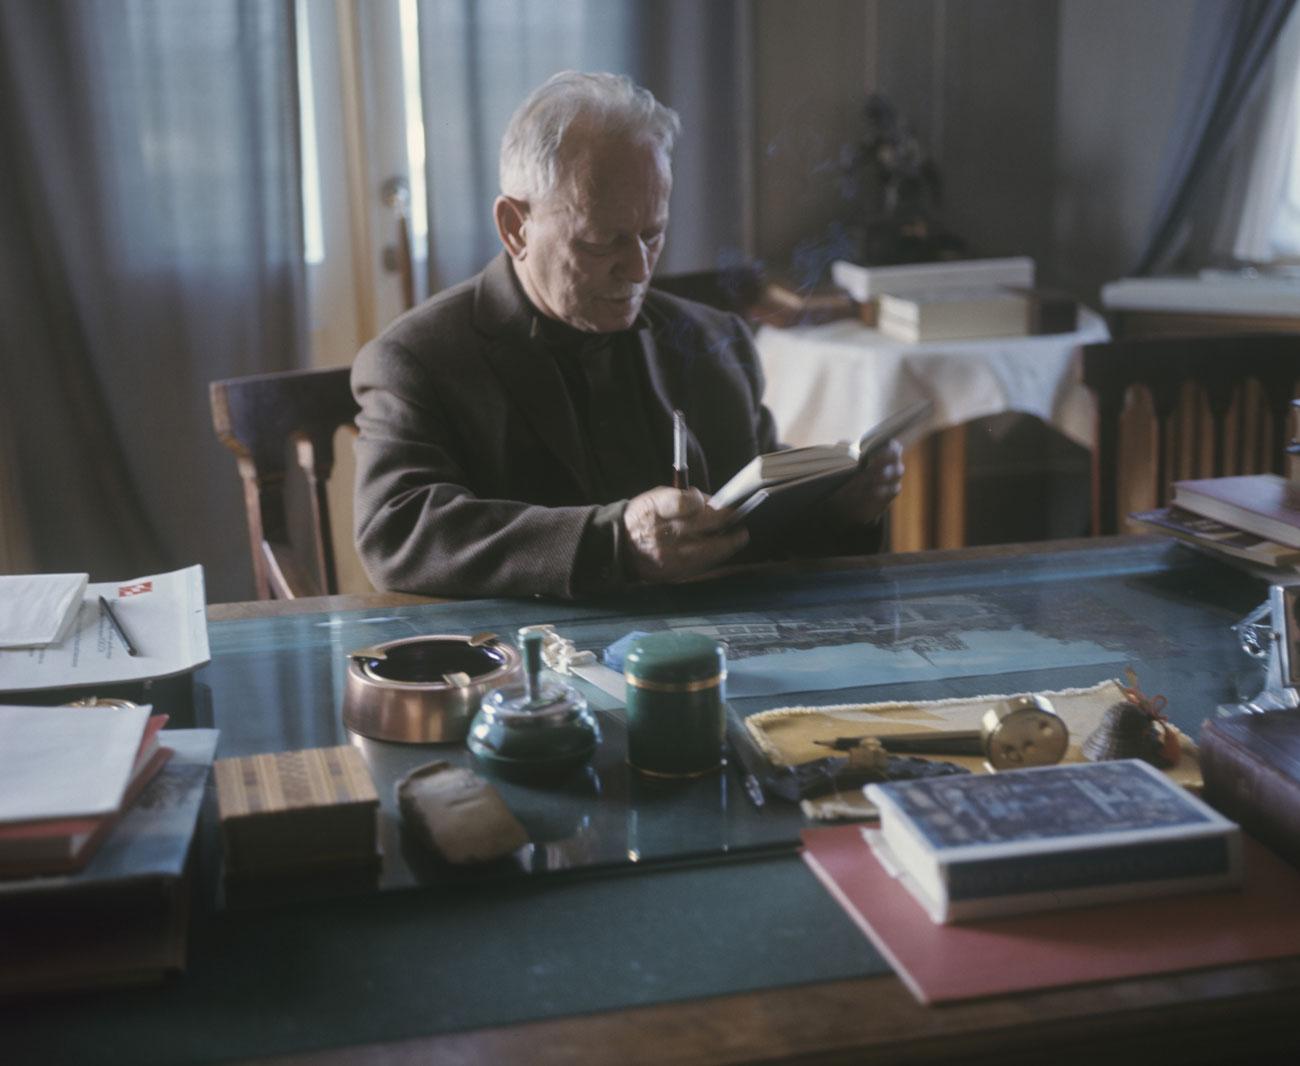 Mikhail Sholokhov / RIA Novosti / Ivan Denisenko